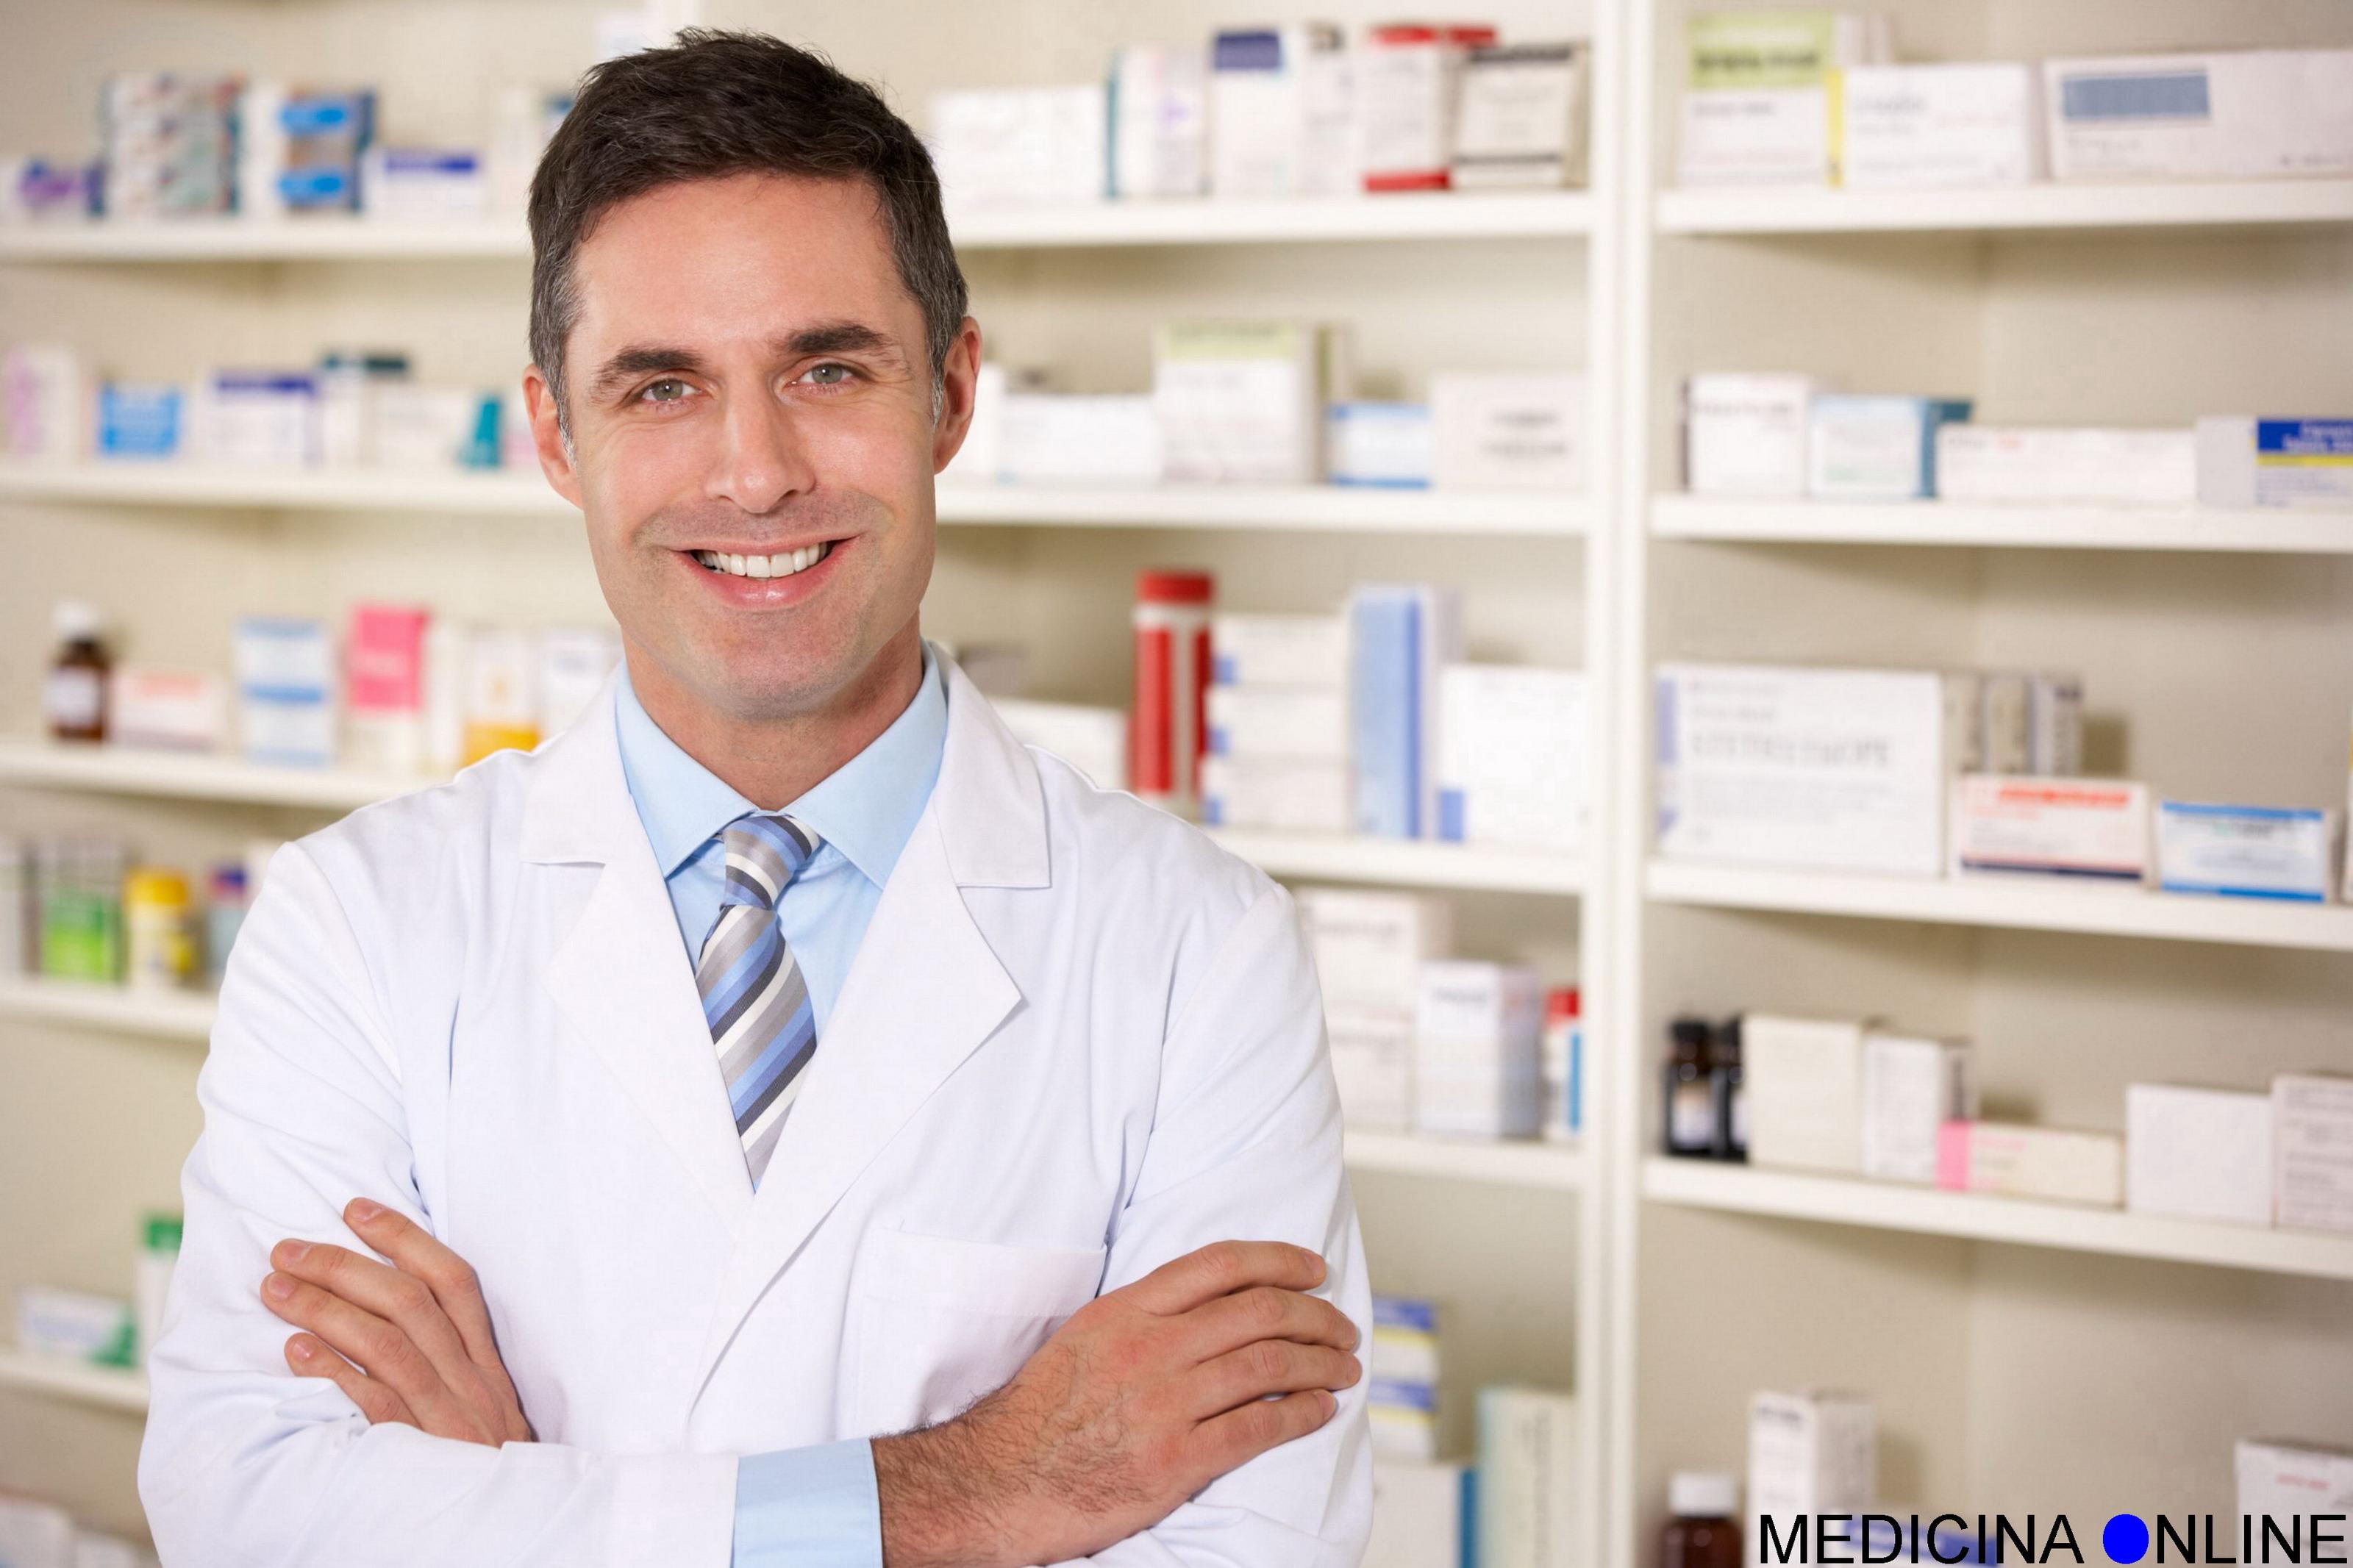 cosa succede se smetto riguardo strappare la finasteride su la prostata